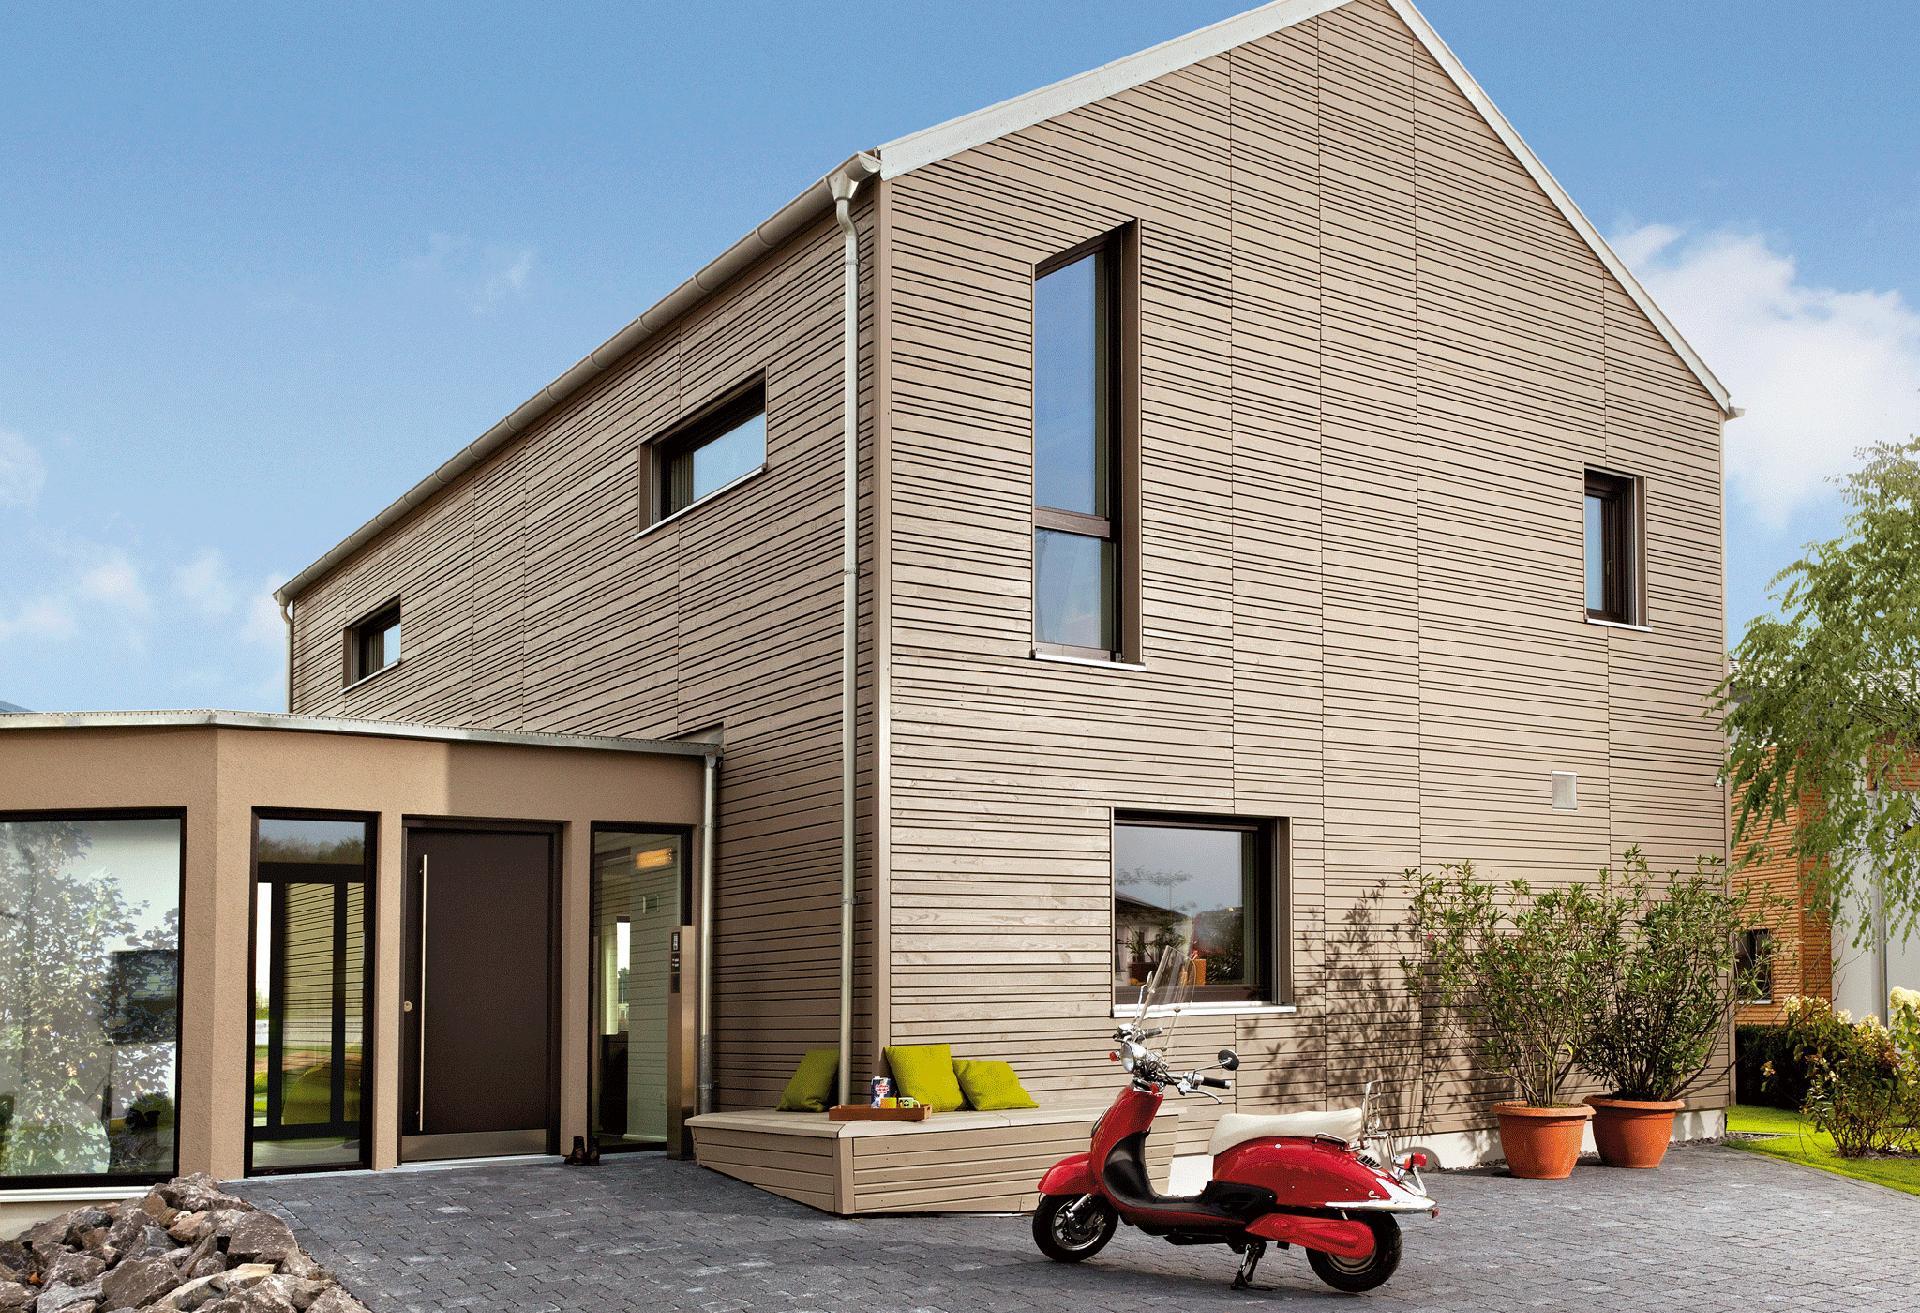 schw rer musterhaus in k ln frechen schw rerhaus. Black Bedroom Furniture Sets. Home Design Ideas